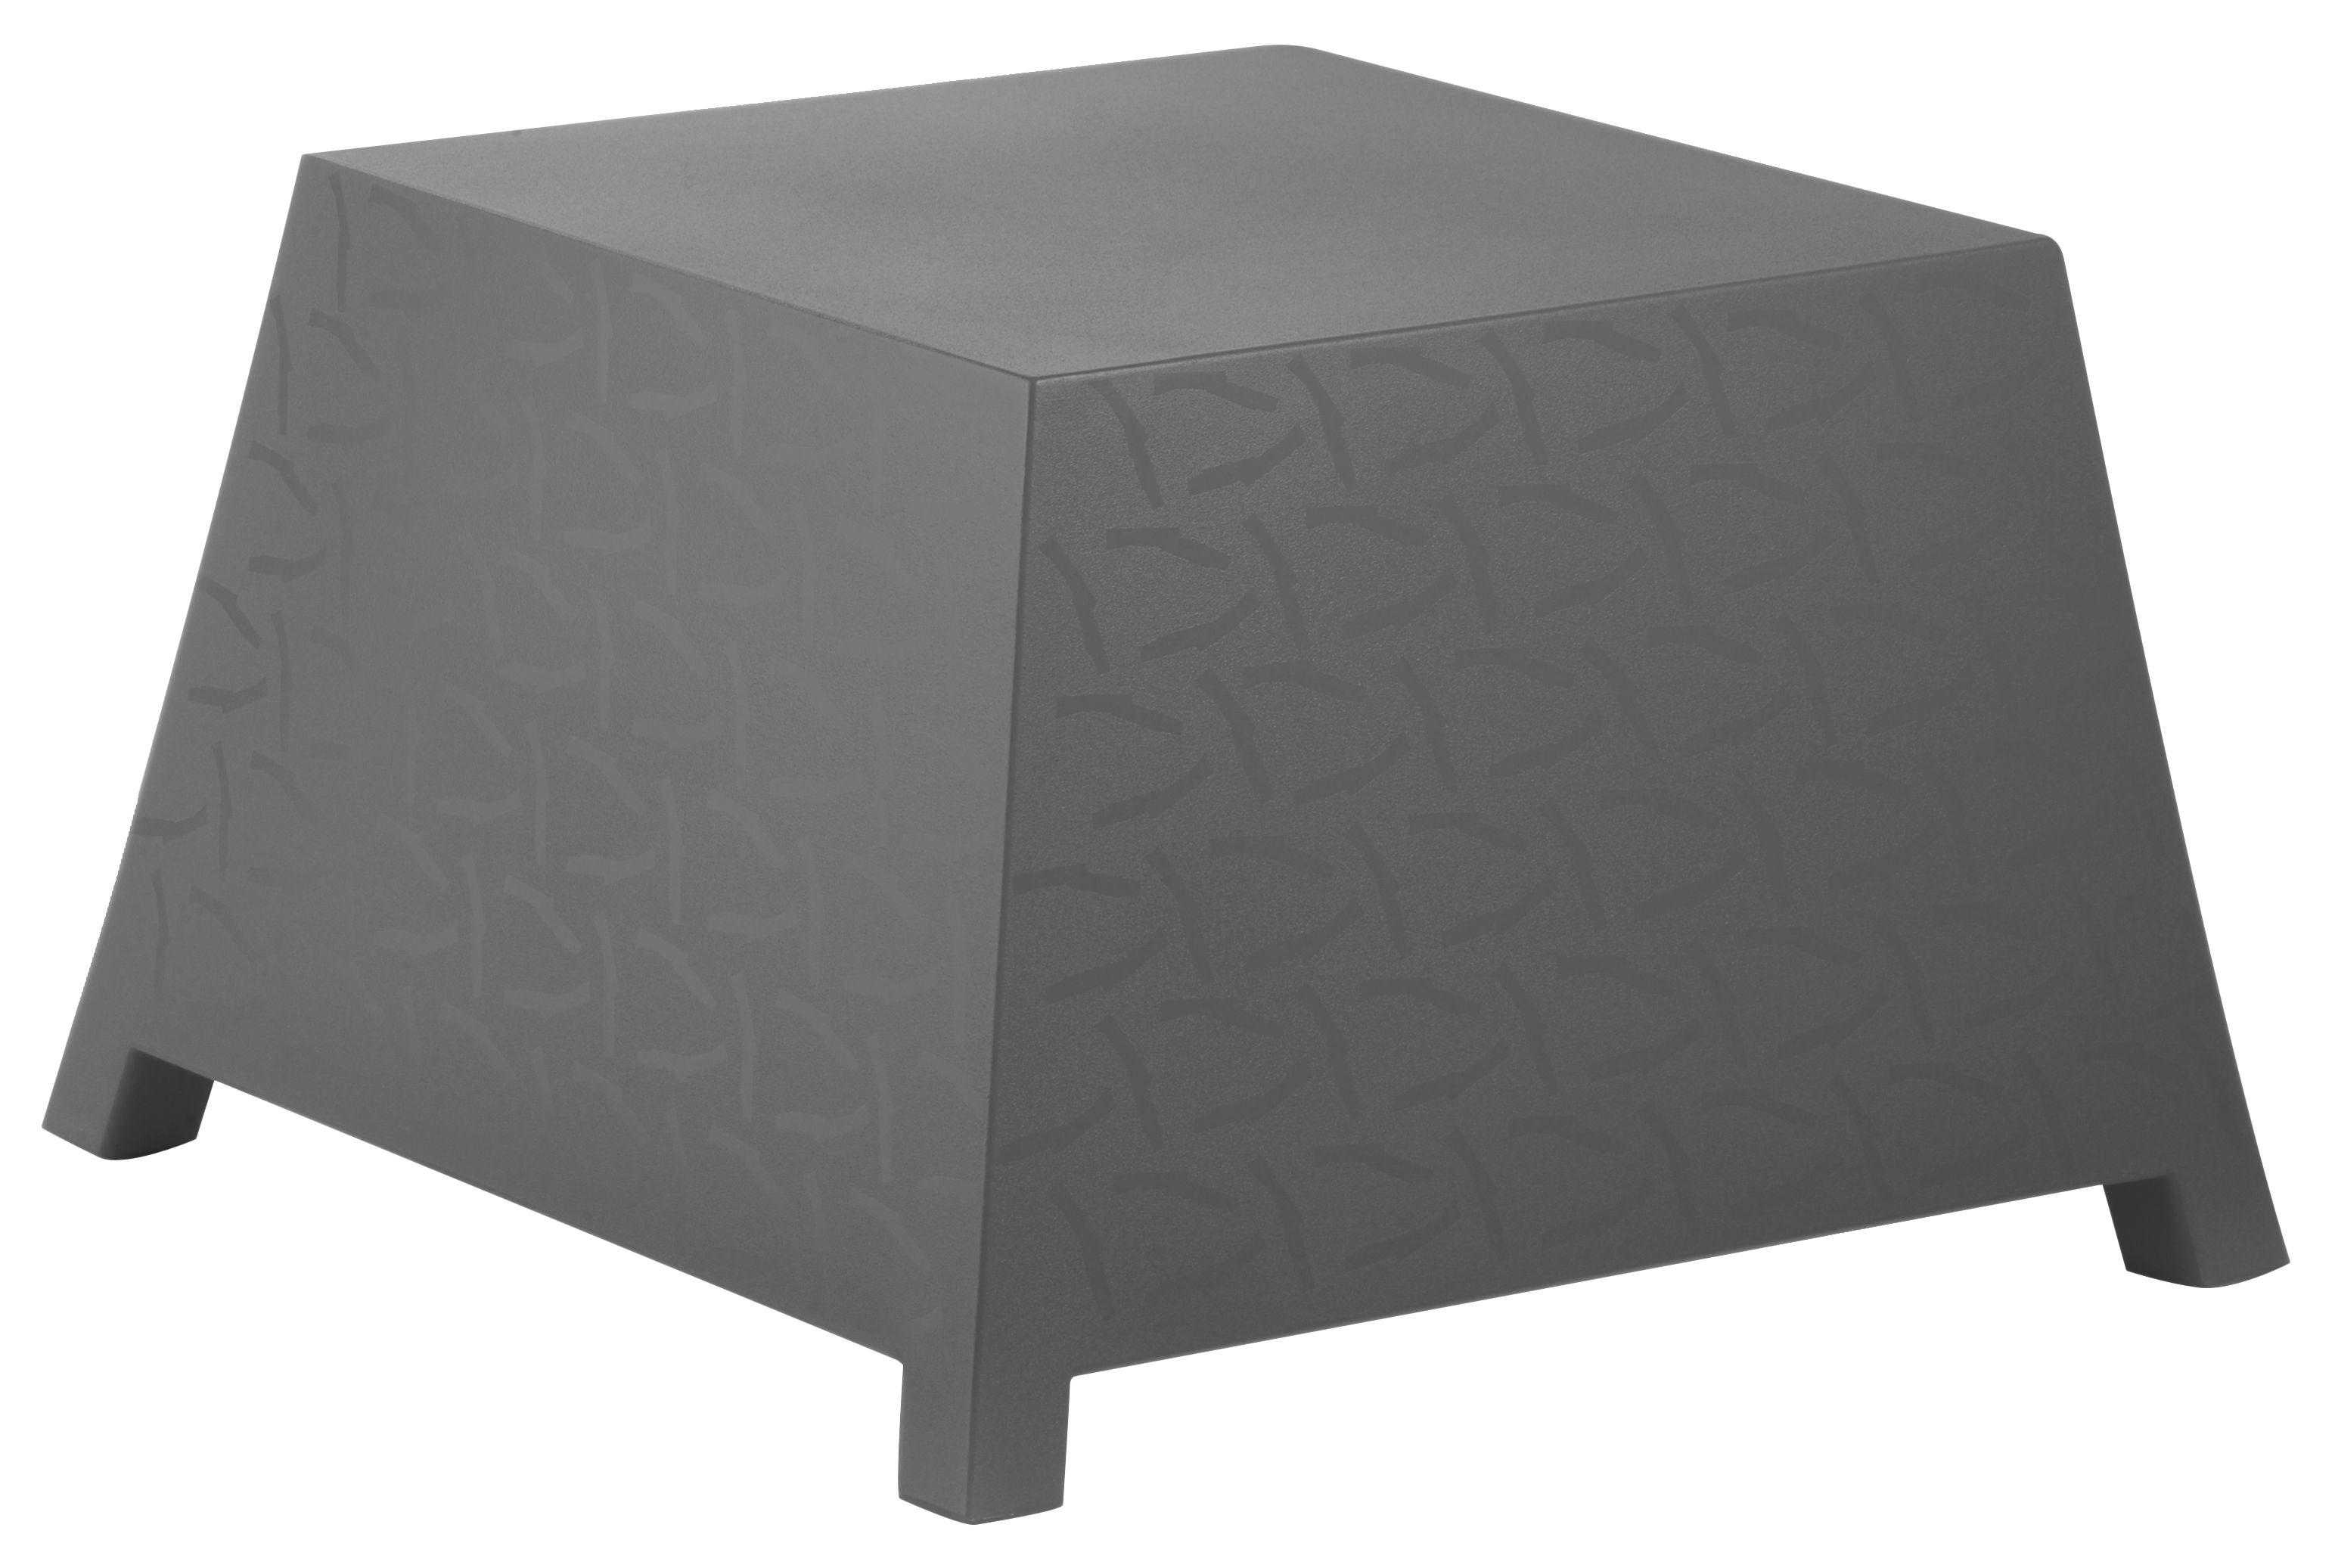 Mobilier - Tables basses - Table basse Raffy pouf - Qui est Paul ? - Gris - Polyéthylène